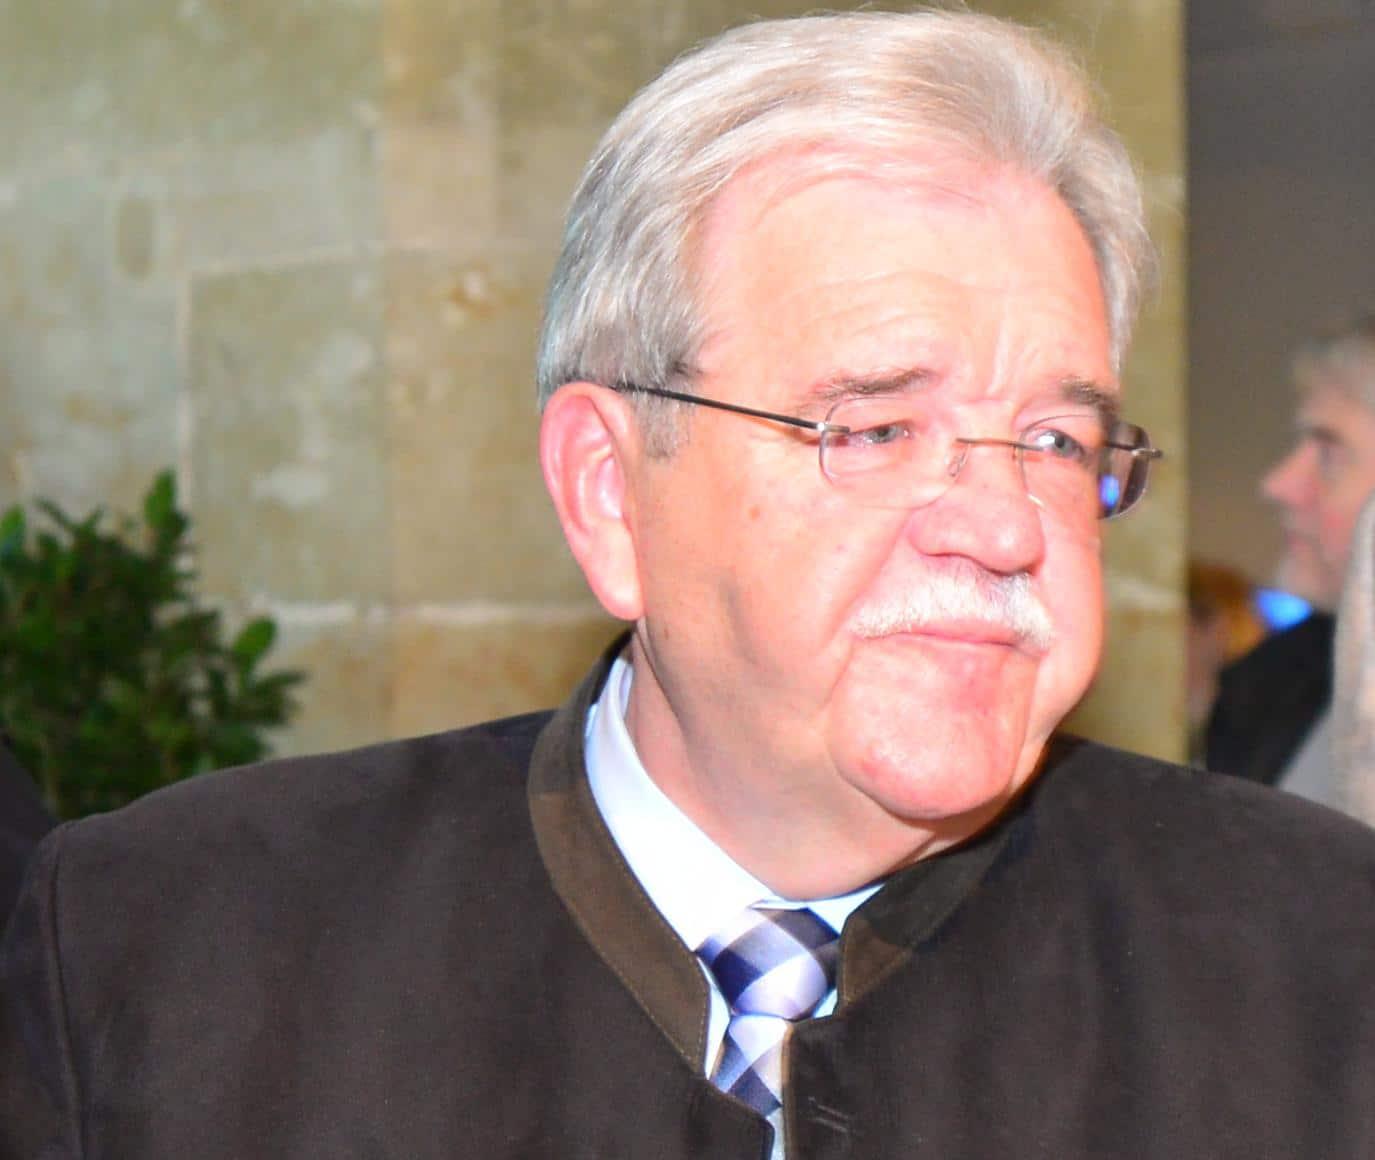 CSU-Fraktionschef Vanino: Nachlegen statt entschuldigen. Foto: Archiv/ Staudinger